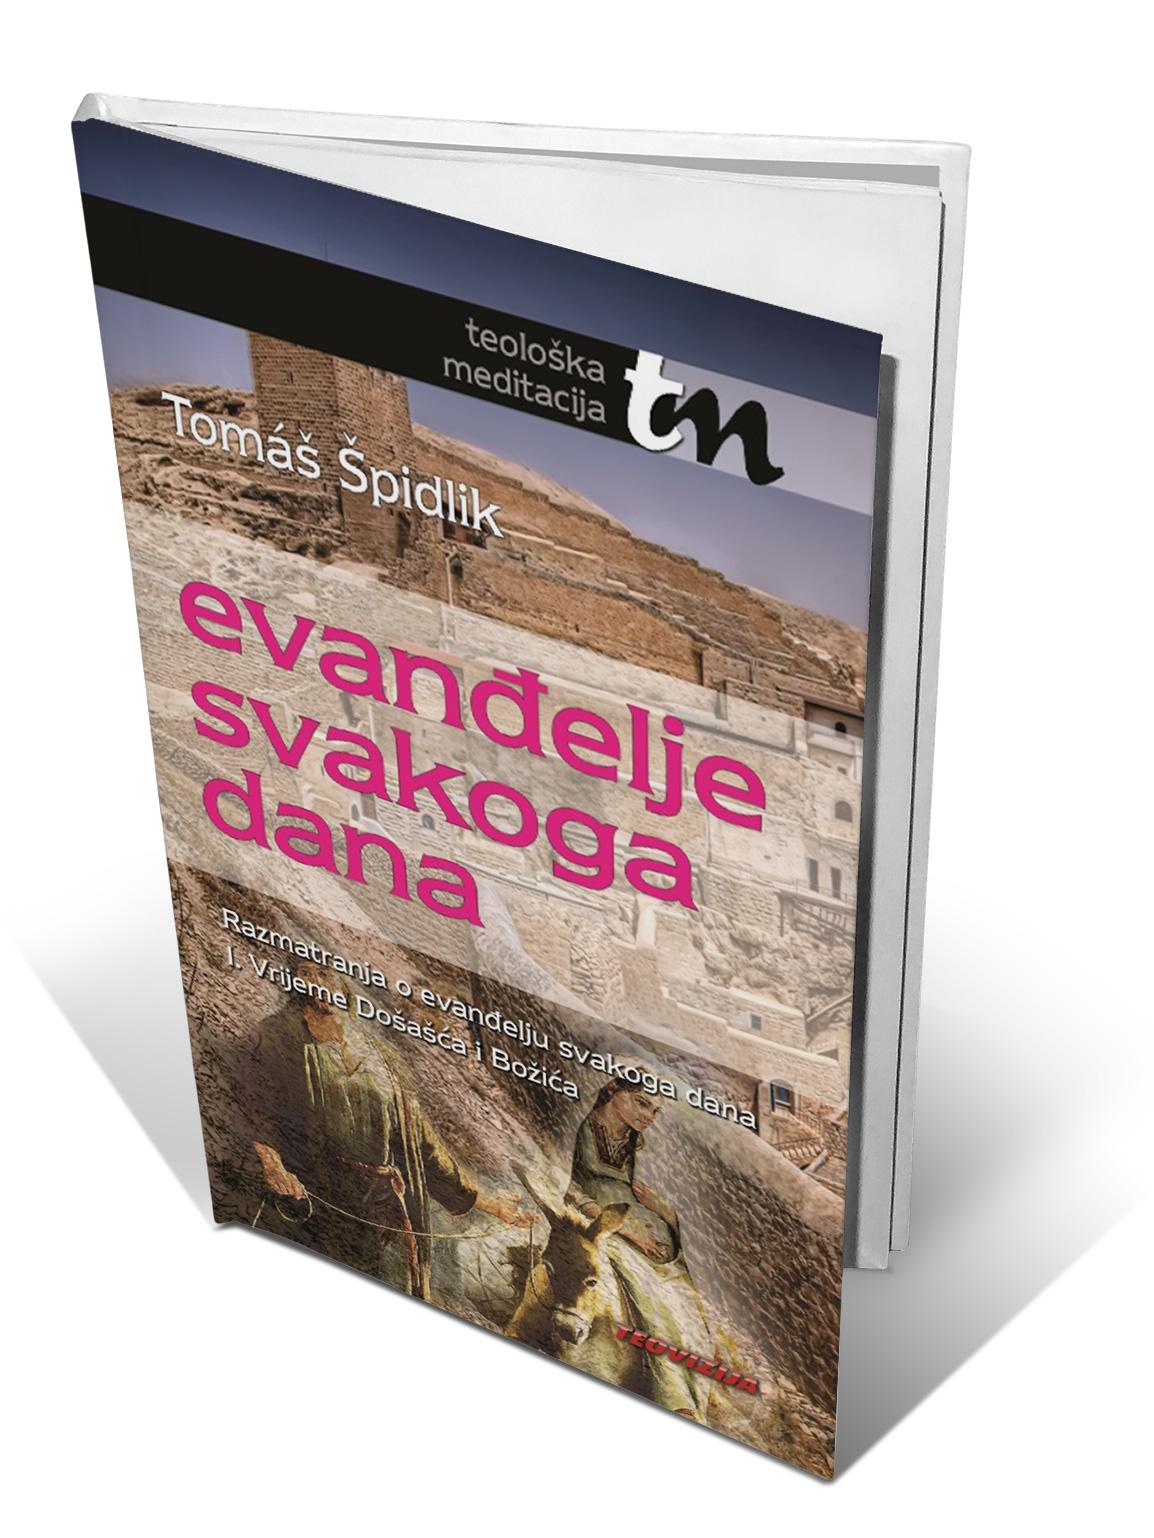 EVANĐELJE SVAKOG DANA - VRIJEME DOČAŠĆA I BOŽIĆA -  Tomaš Špidlik